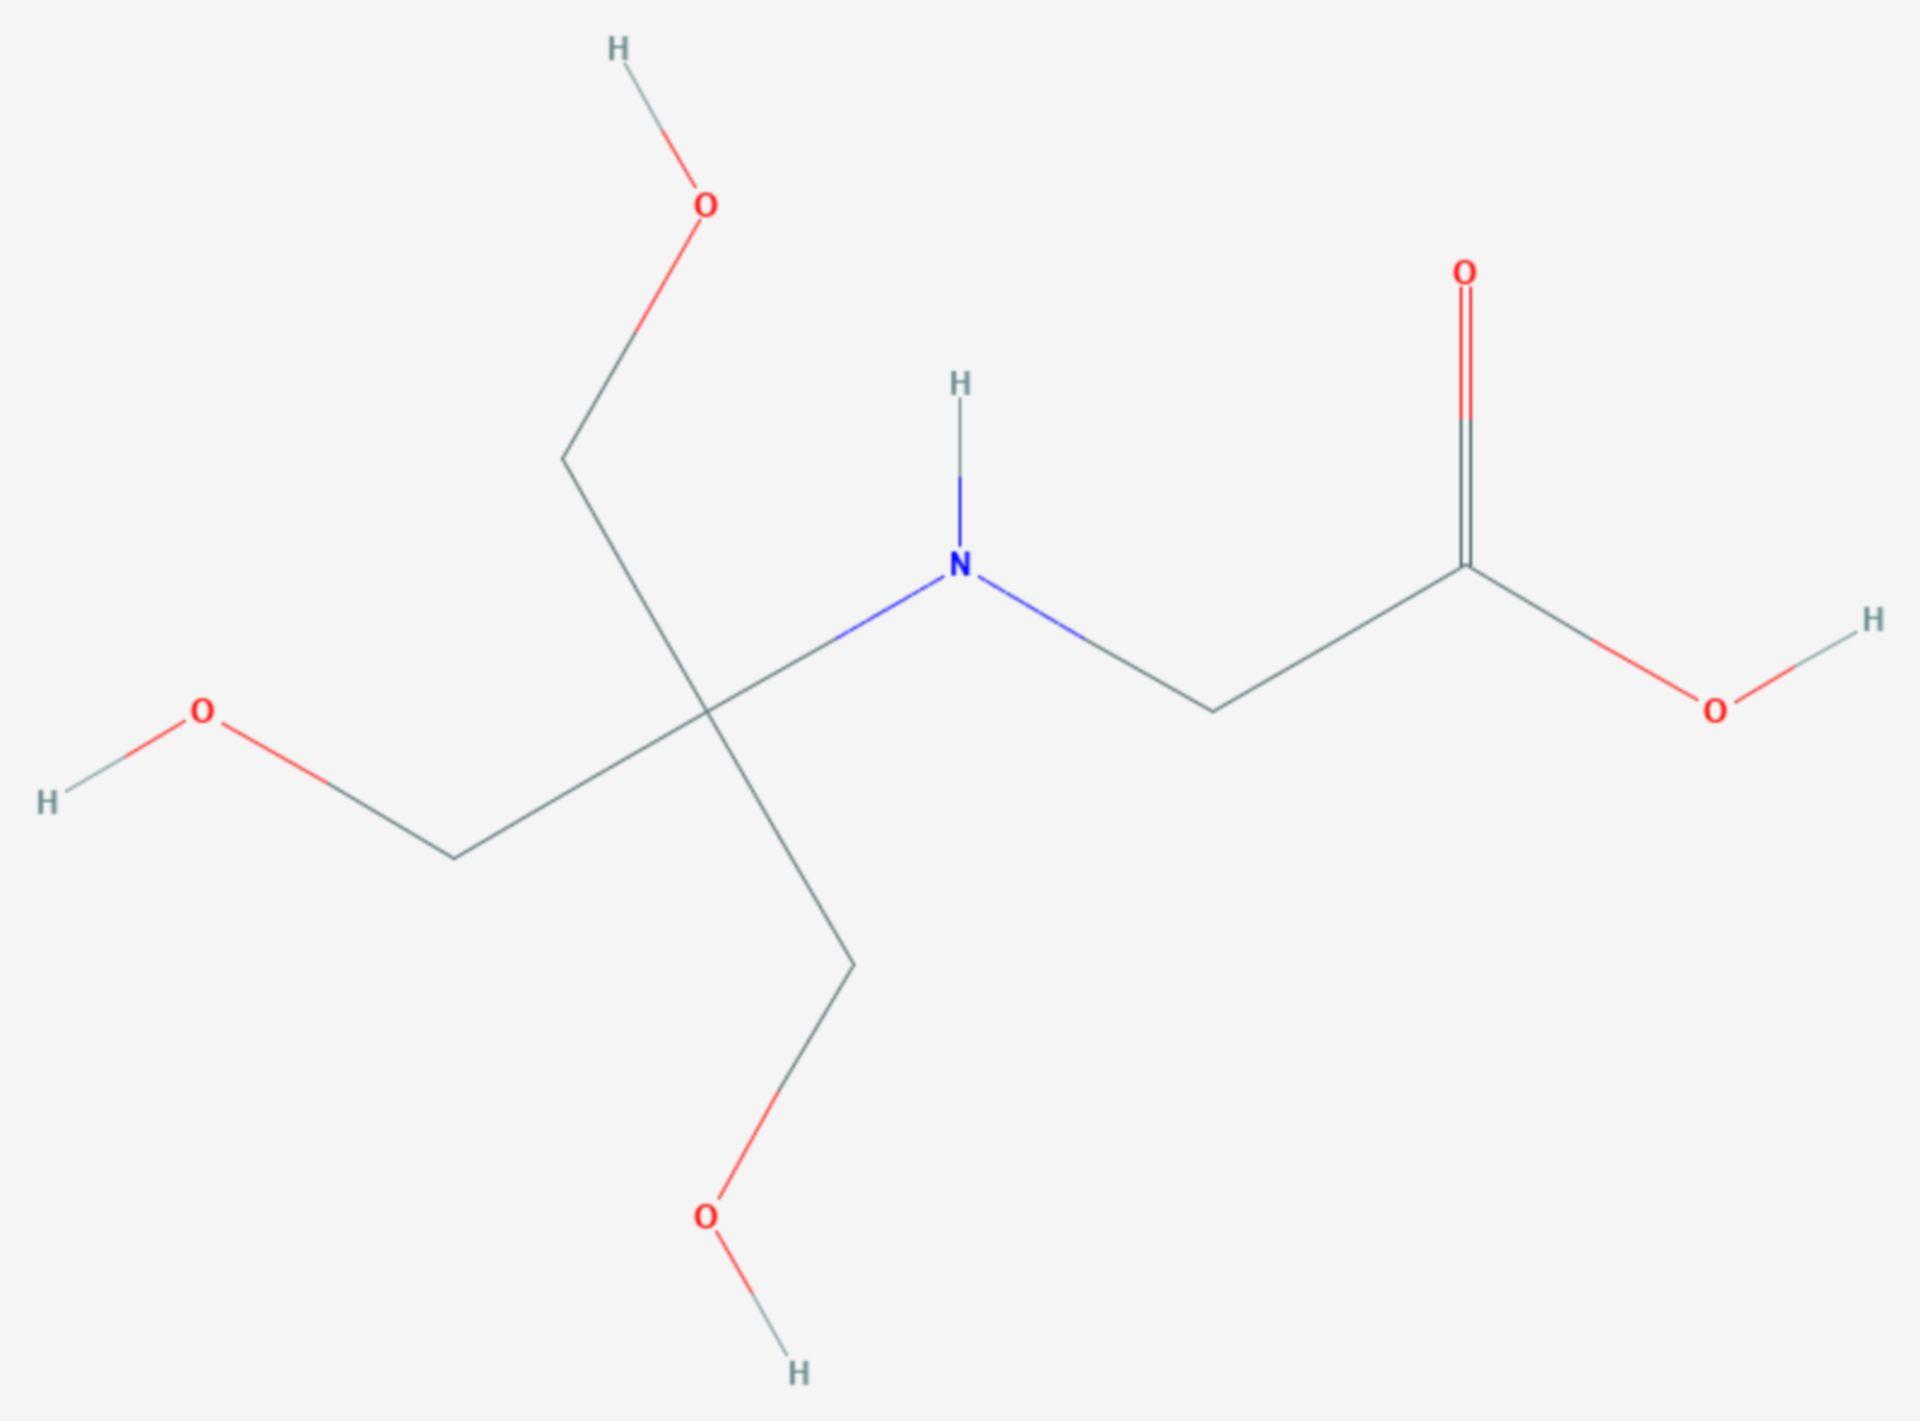 N-(Tri(hydroxymethyl)methyl)glycin (Strukturformel)